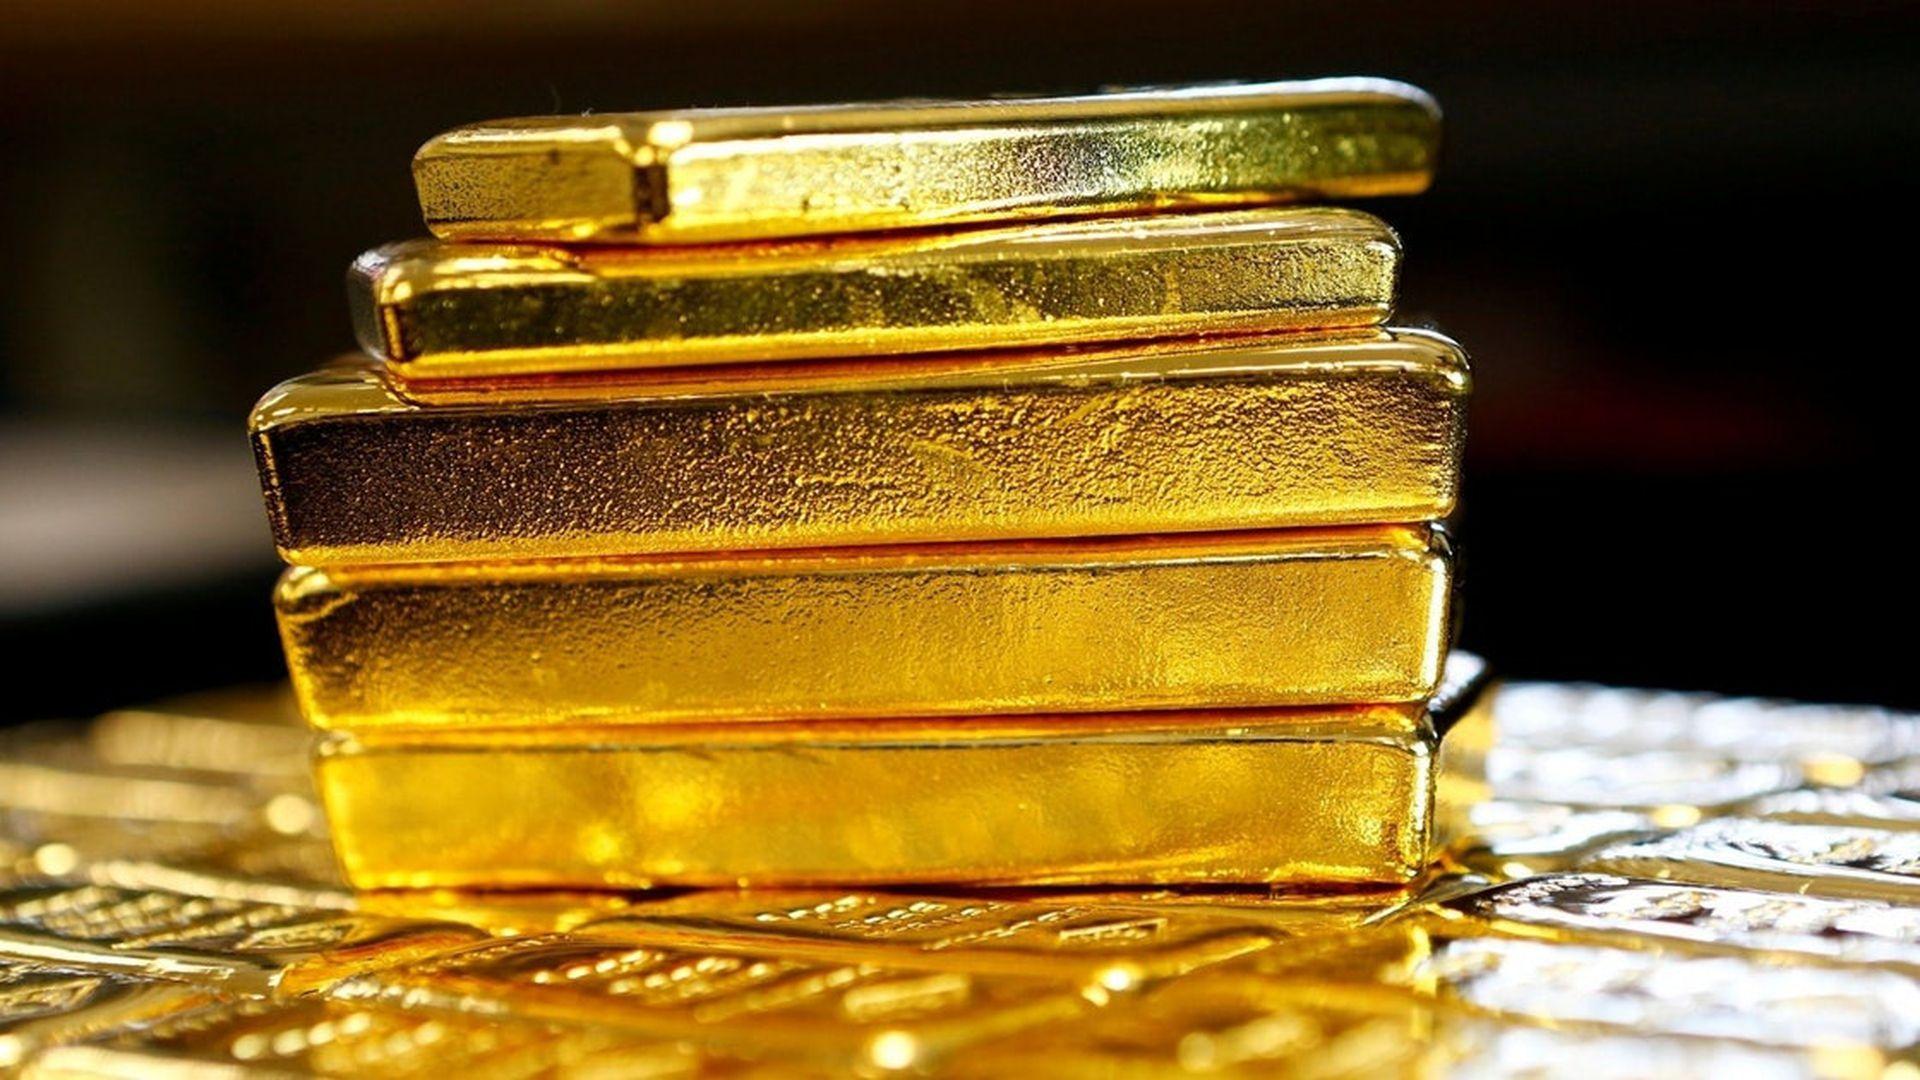 史上最大放水,與印鈔機搶跑,貨幣之王將迎「黃金時代」?